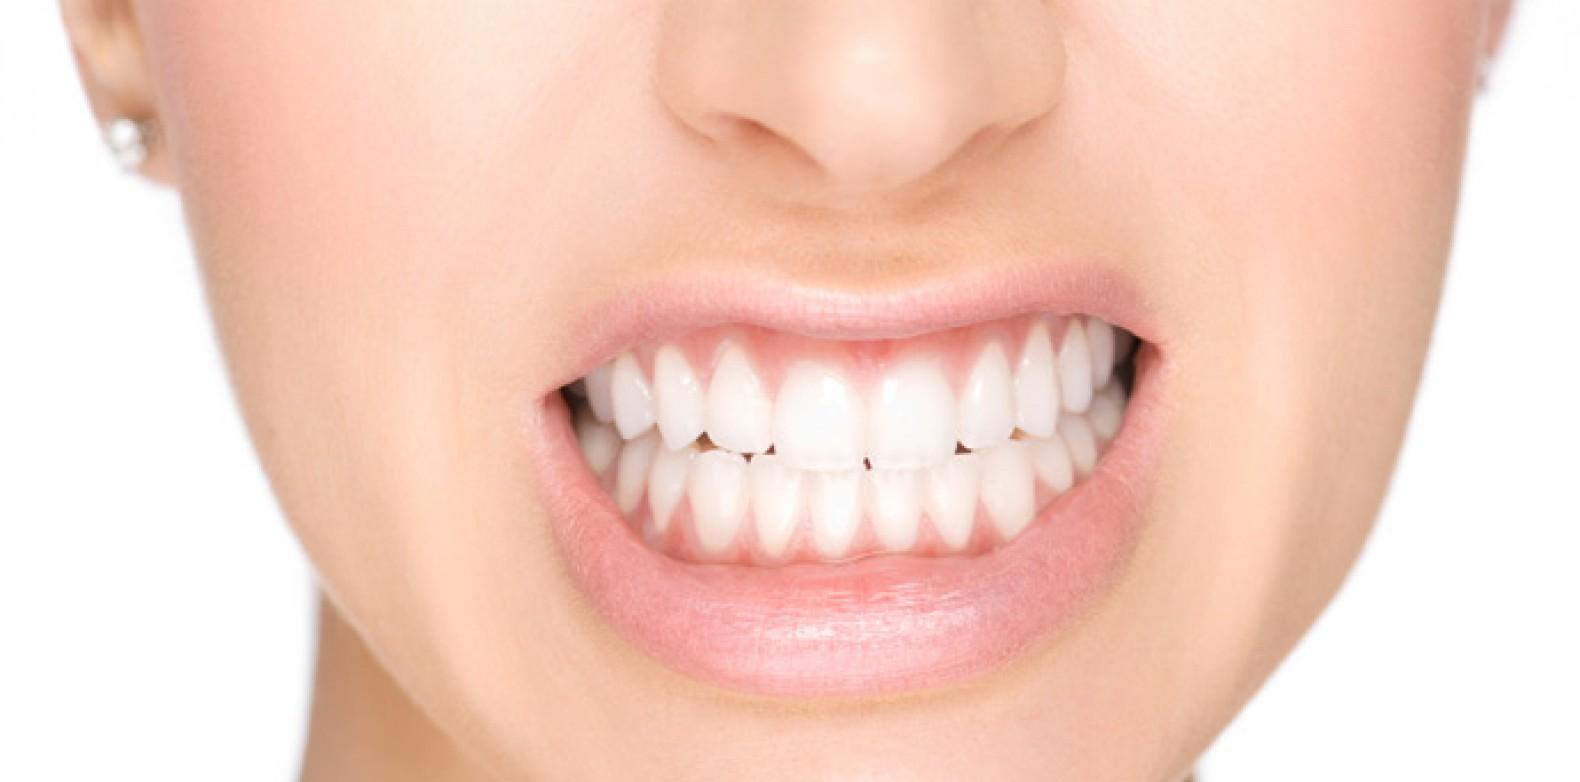 Quem nunca acordou com dores na mandíbula ao abrir e fechar a boca…